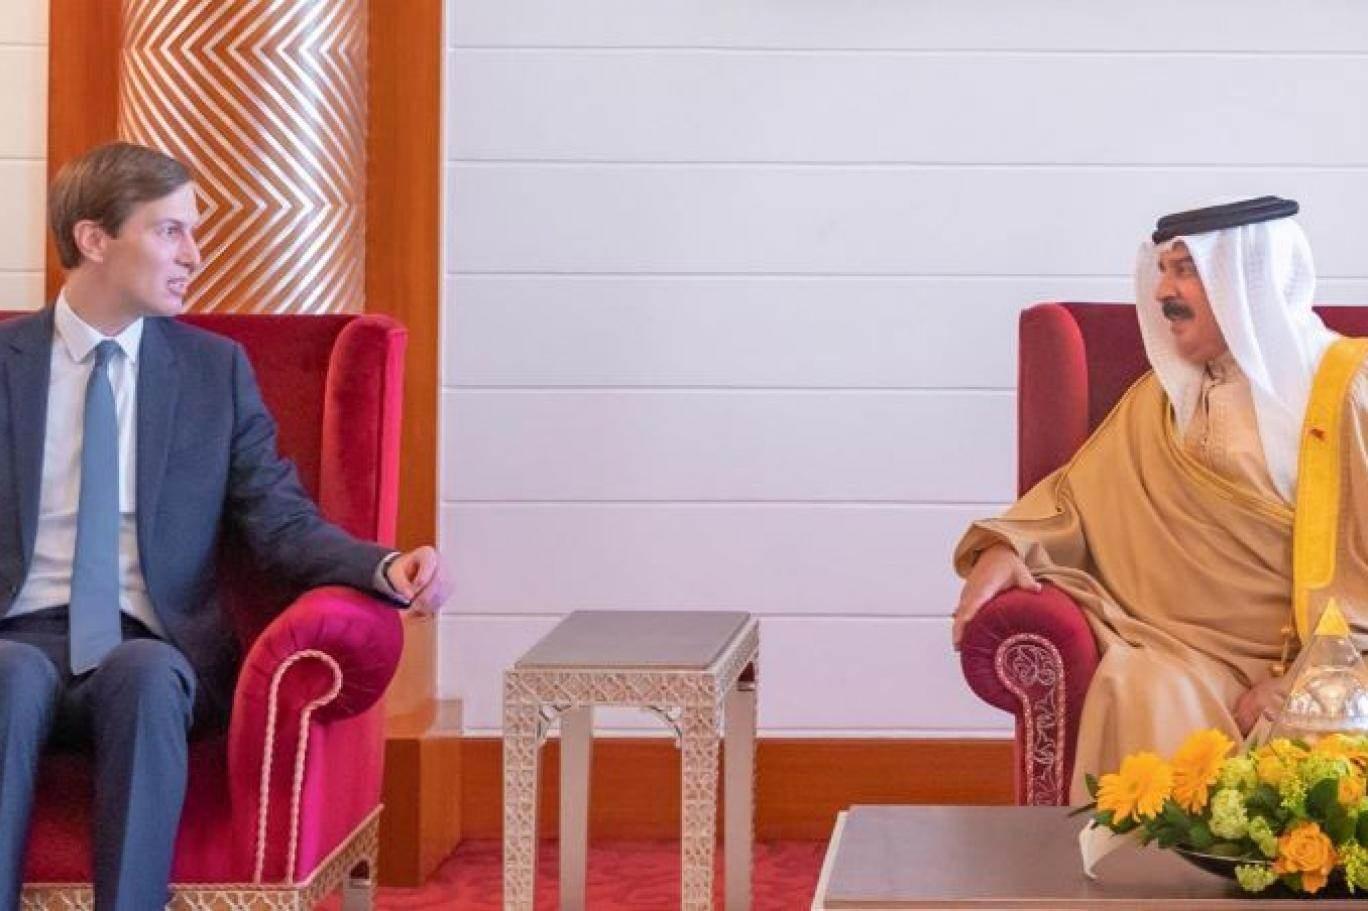 ملك البحرين يبحث مع كوشنير تعزيز العلاقات بين المملكة وواشنطن في المجال السياسي والعسكري